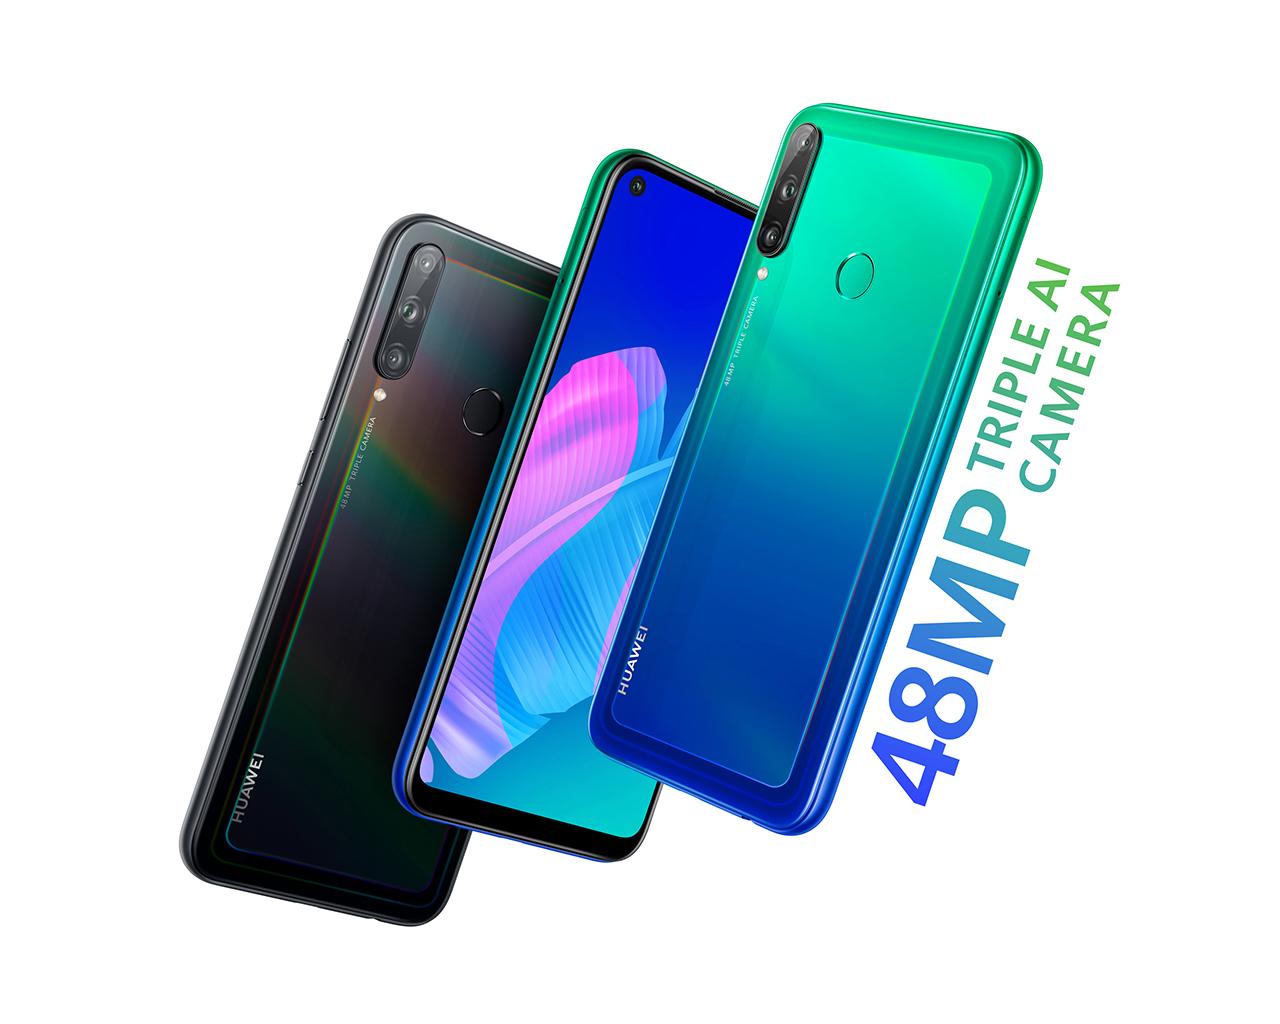 ΚΙΝΗΤΟ HUAWEI Y7p 2020 4/64GB BLUE (ΕΚΘΕΣΙΑΚΟ)